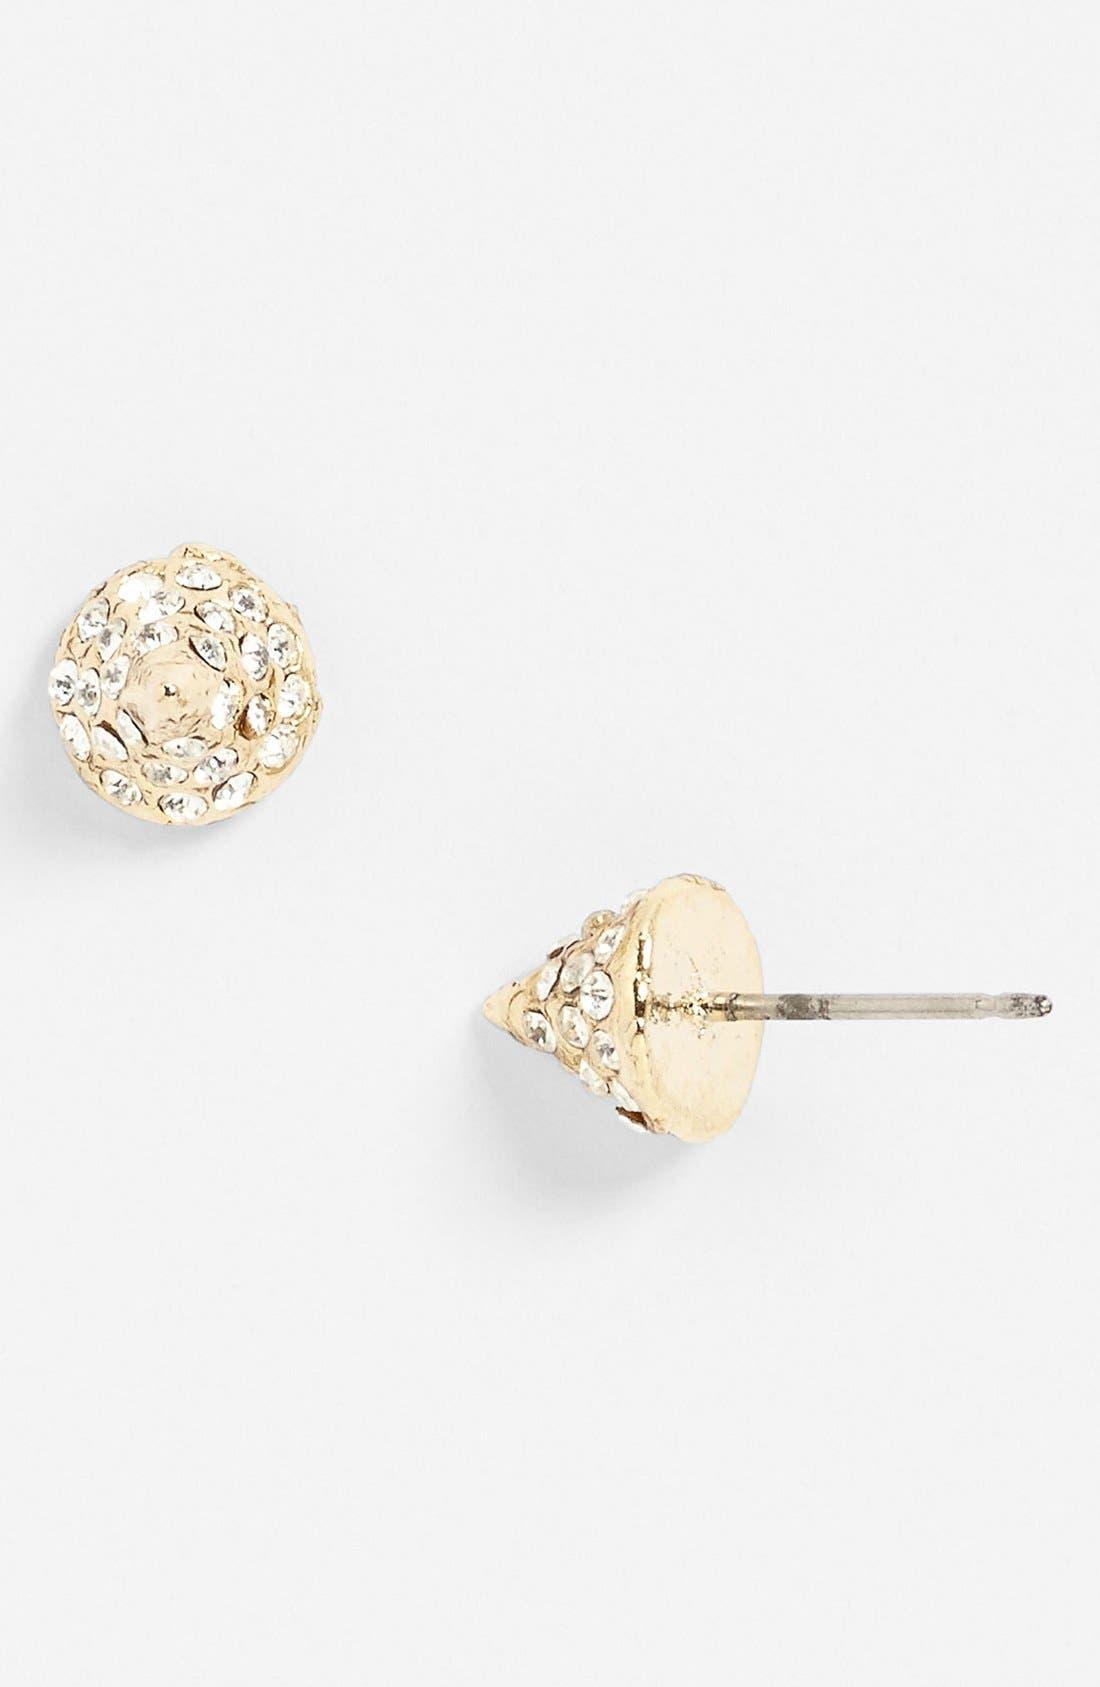 Alternate Image 1 Selected - Rachel Rhinestone Cone Stud Earrings